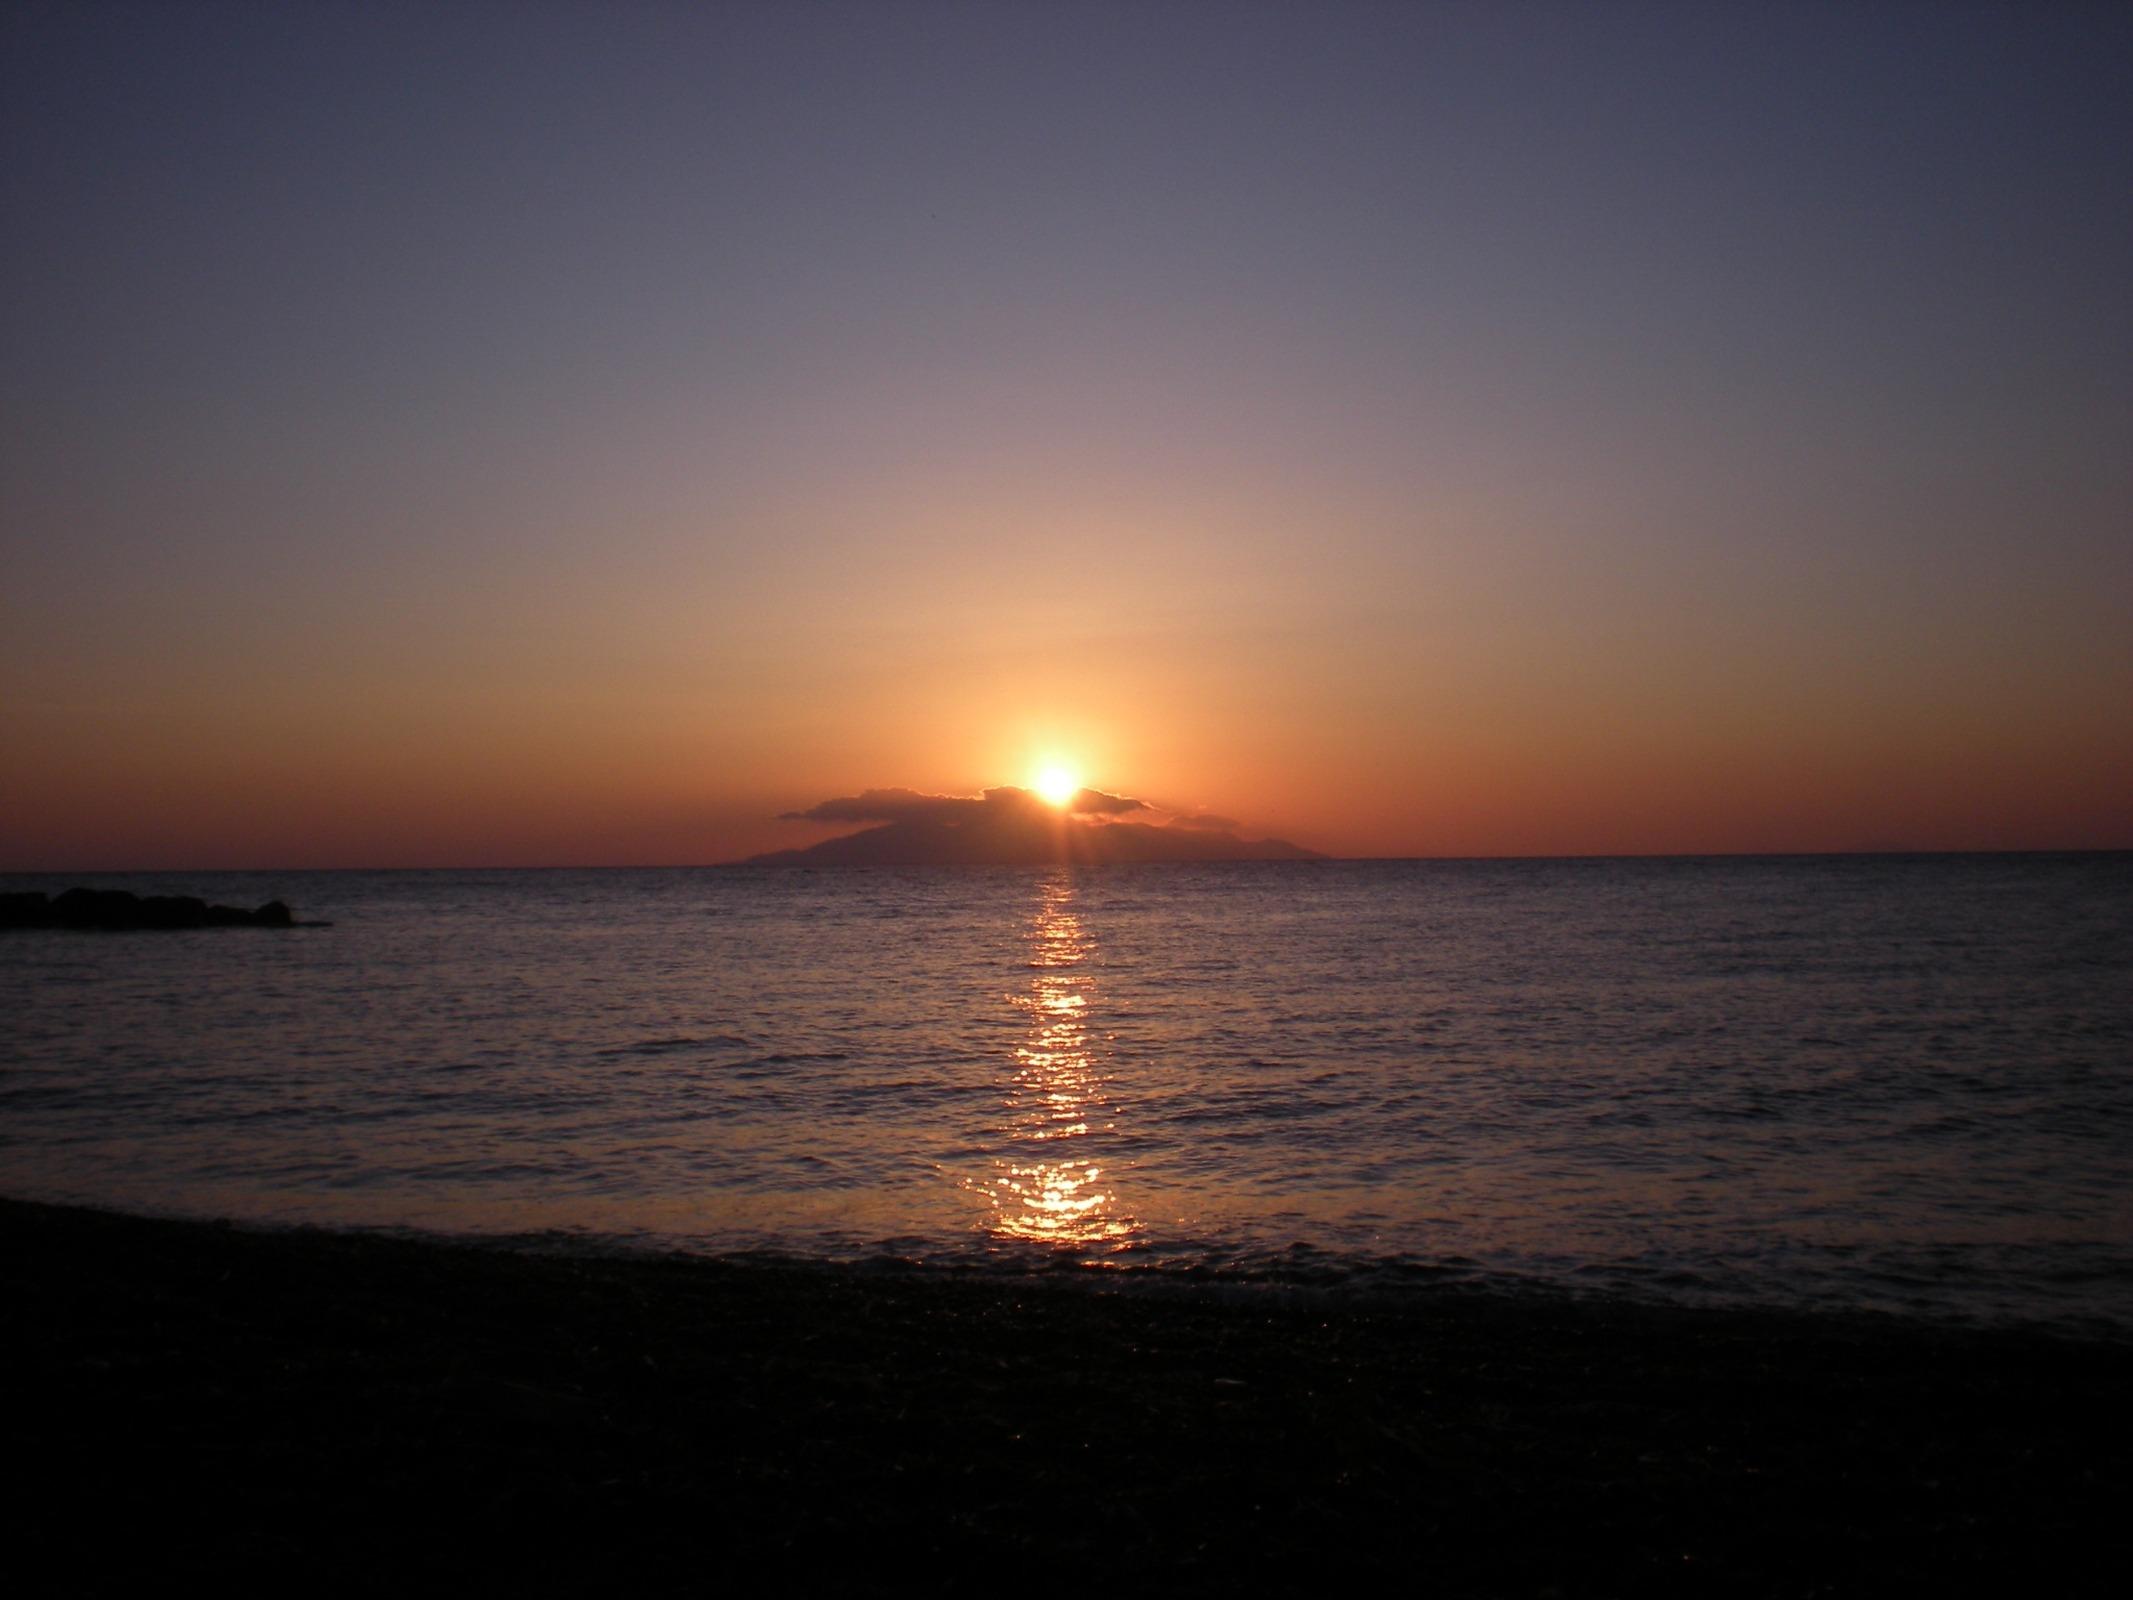 Images gratuites plage mer c te oc an horizon - Du lever du soleil jusqu a son coucher ...